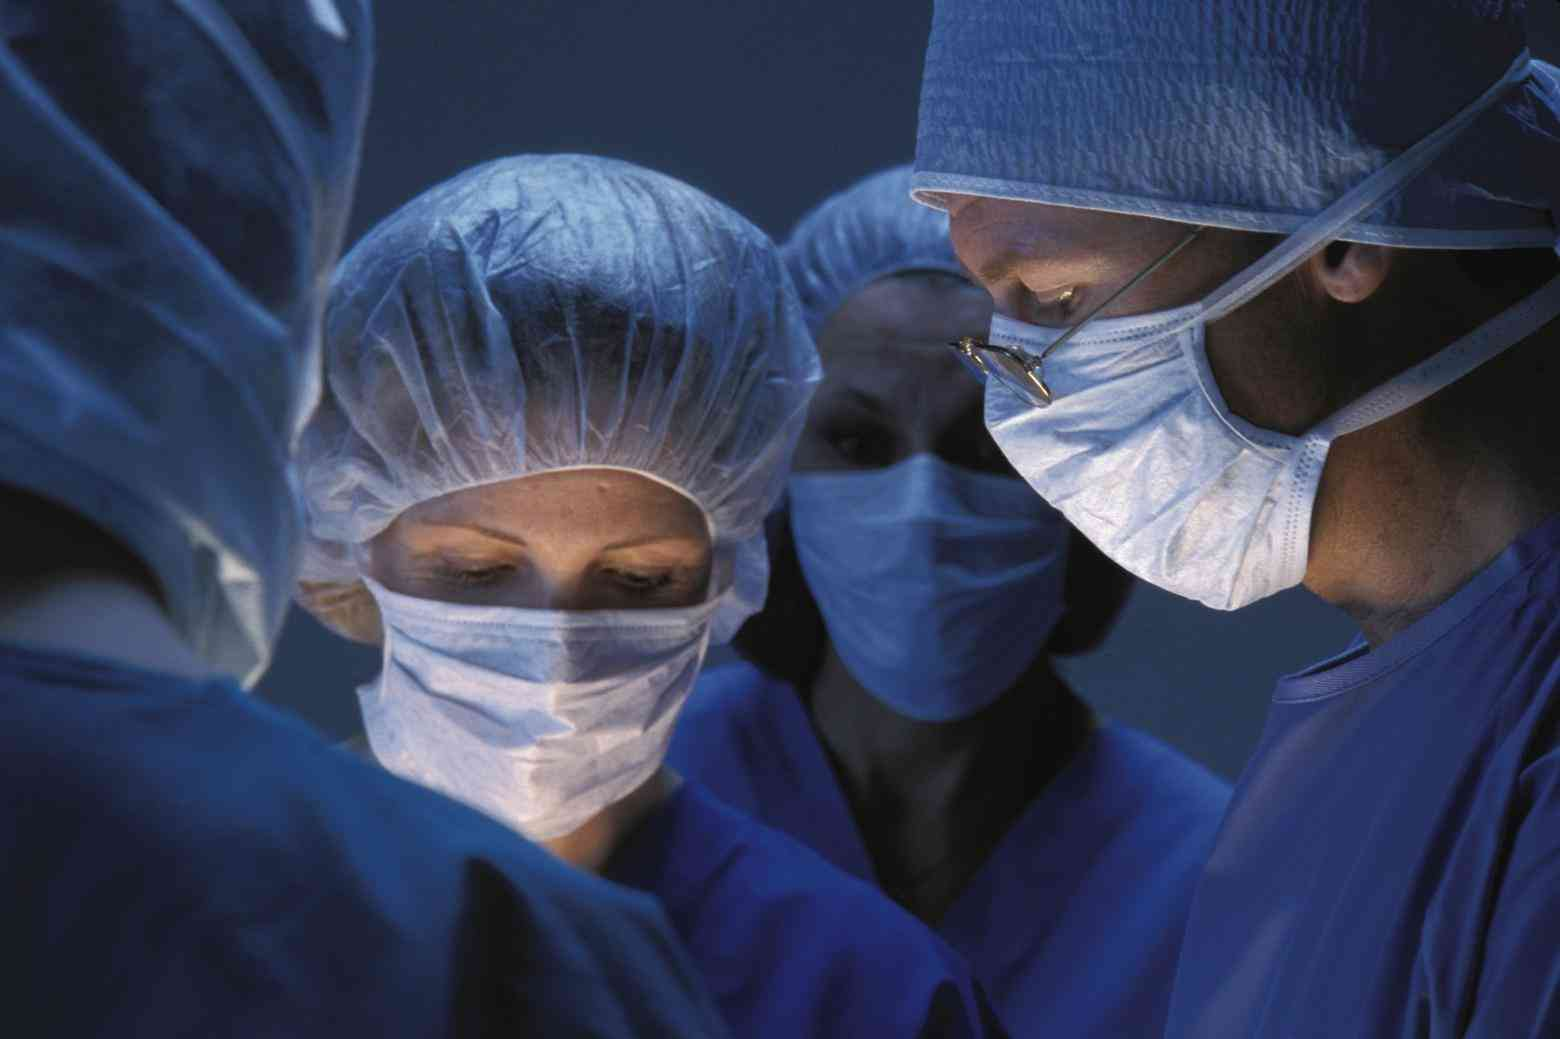 Το μνημόνιο «τρώει» χειρουργεία και γεύματα ασθενών! Τι καταγγέλλουν οι εργαζόμενοι